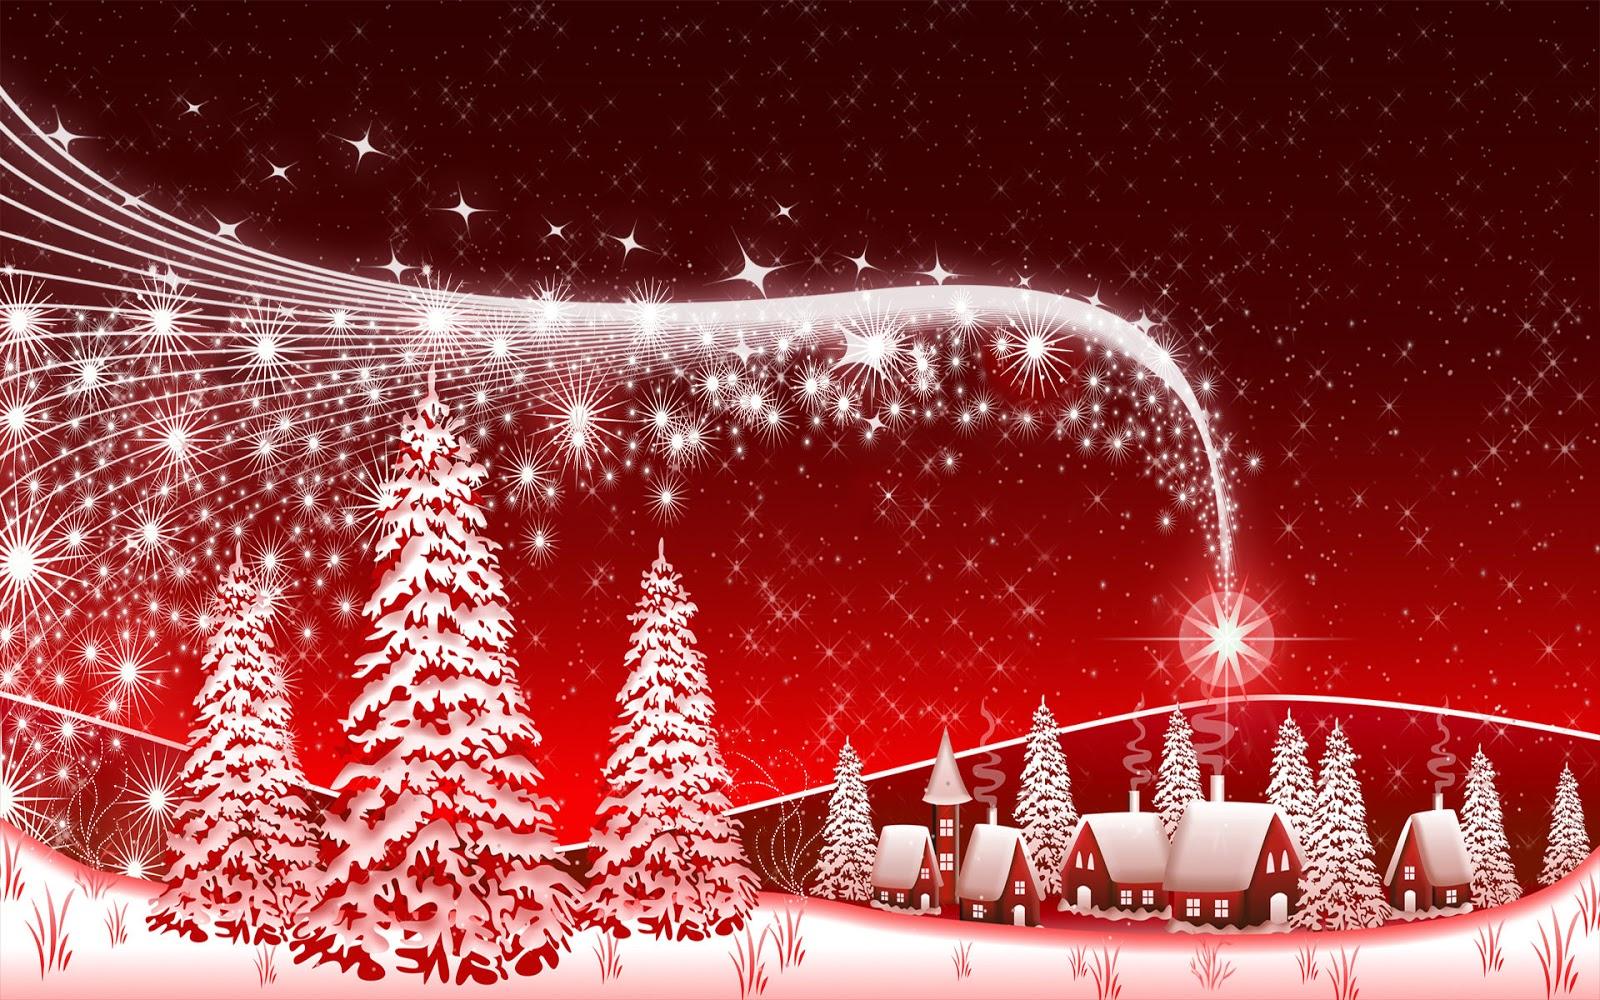 christmas animated wallpaper hd